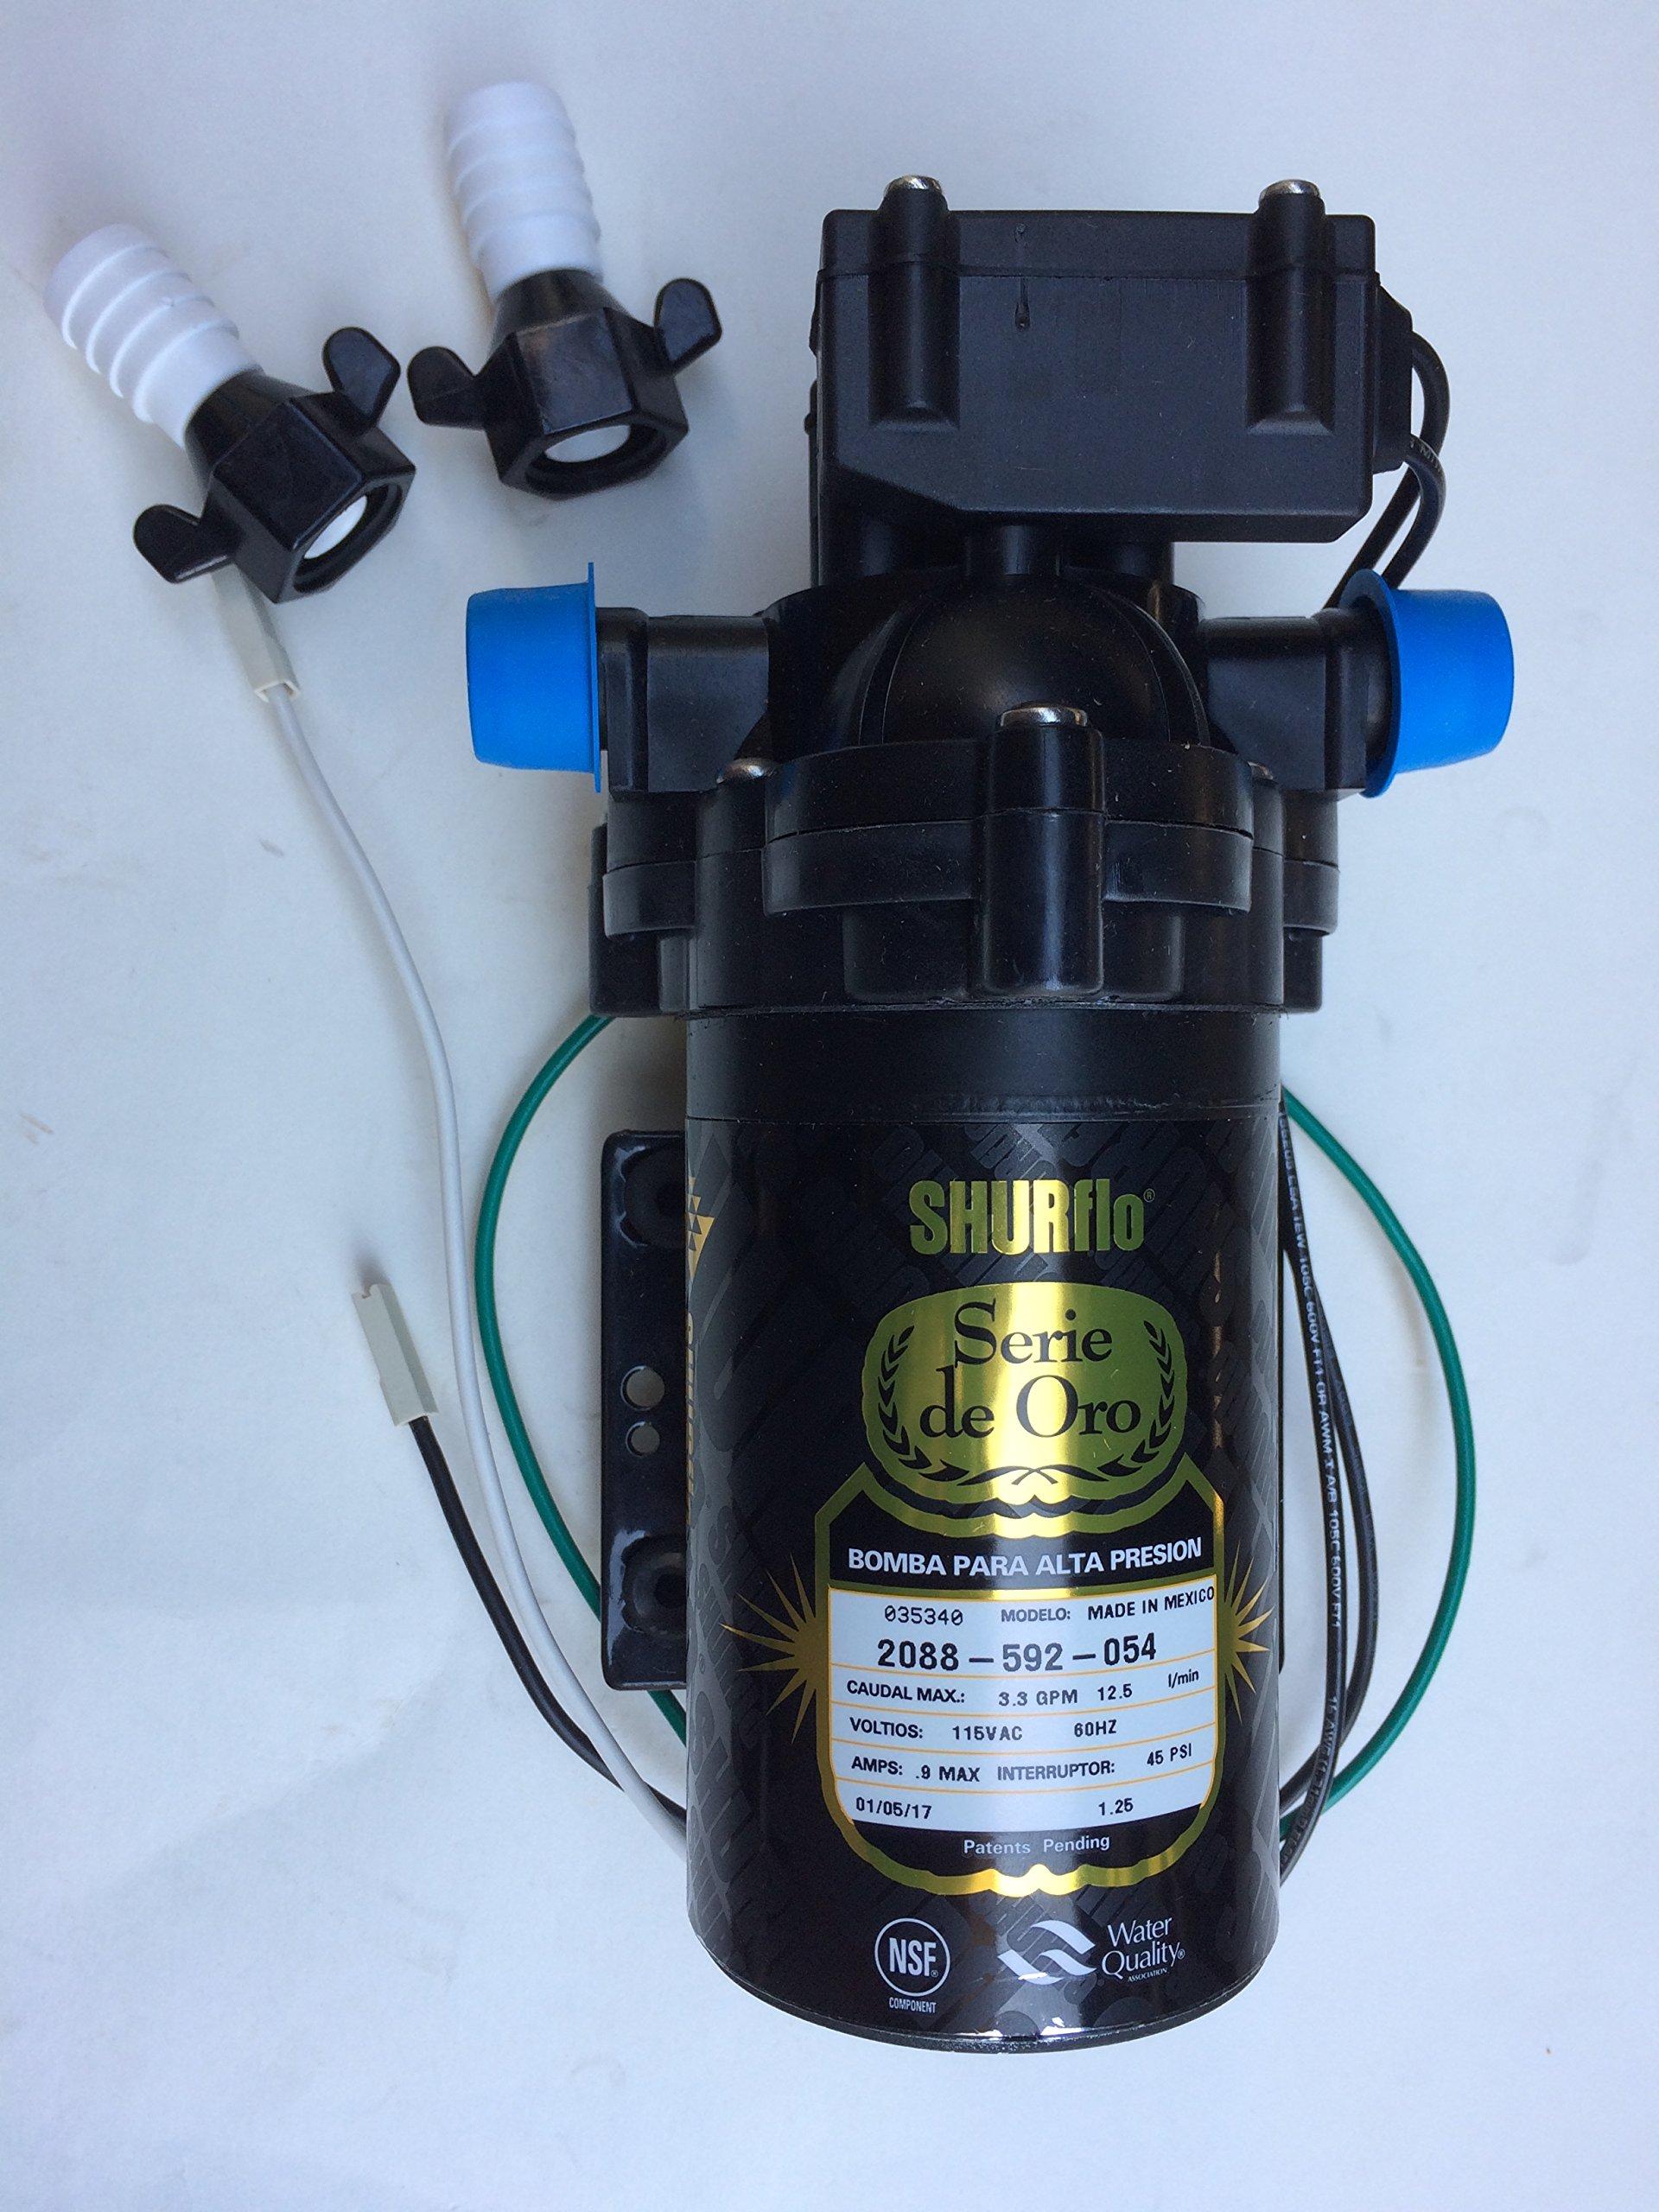 Shurflo Pump Part 2088-592-054